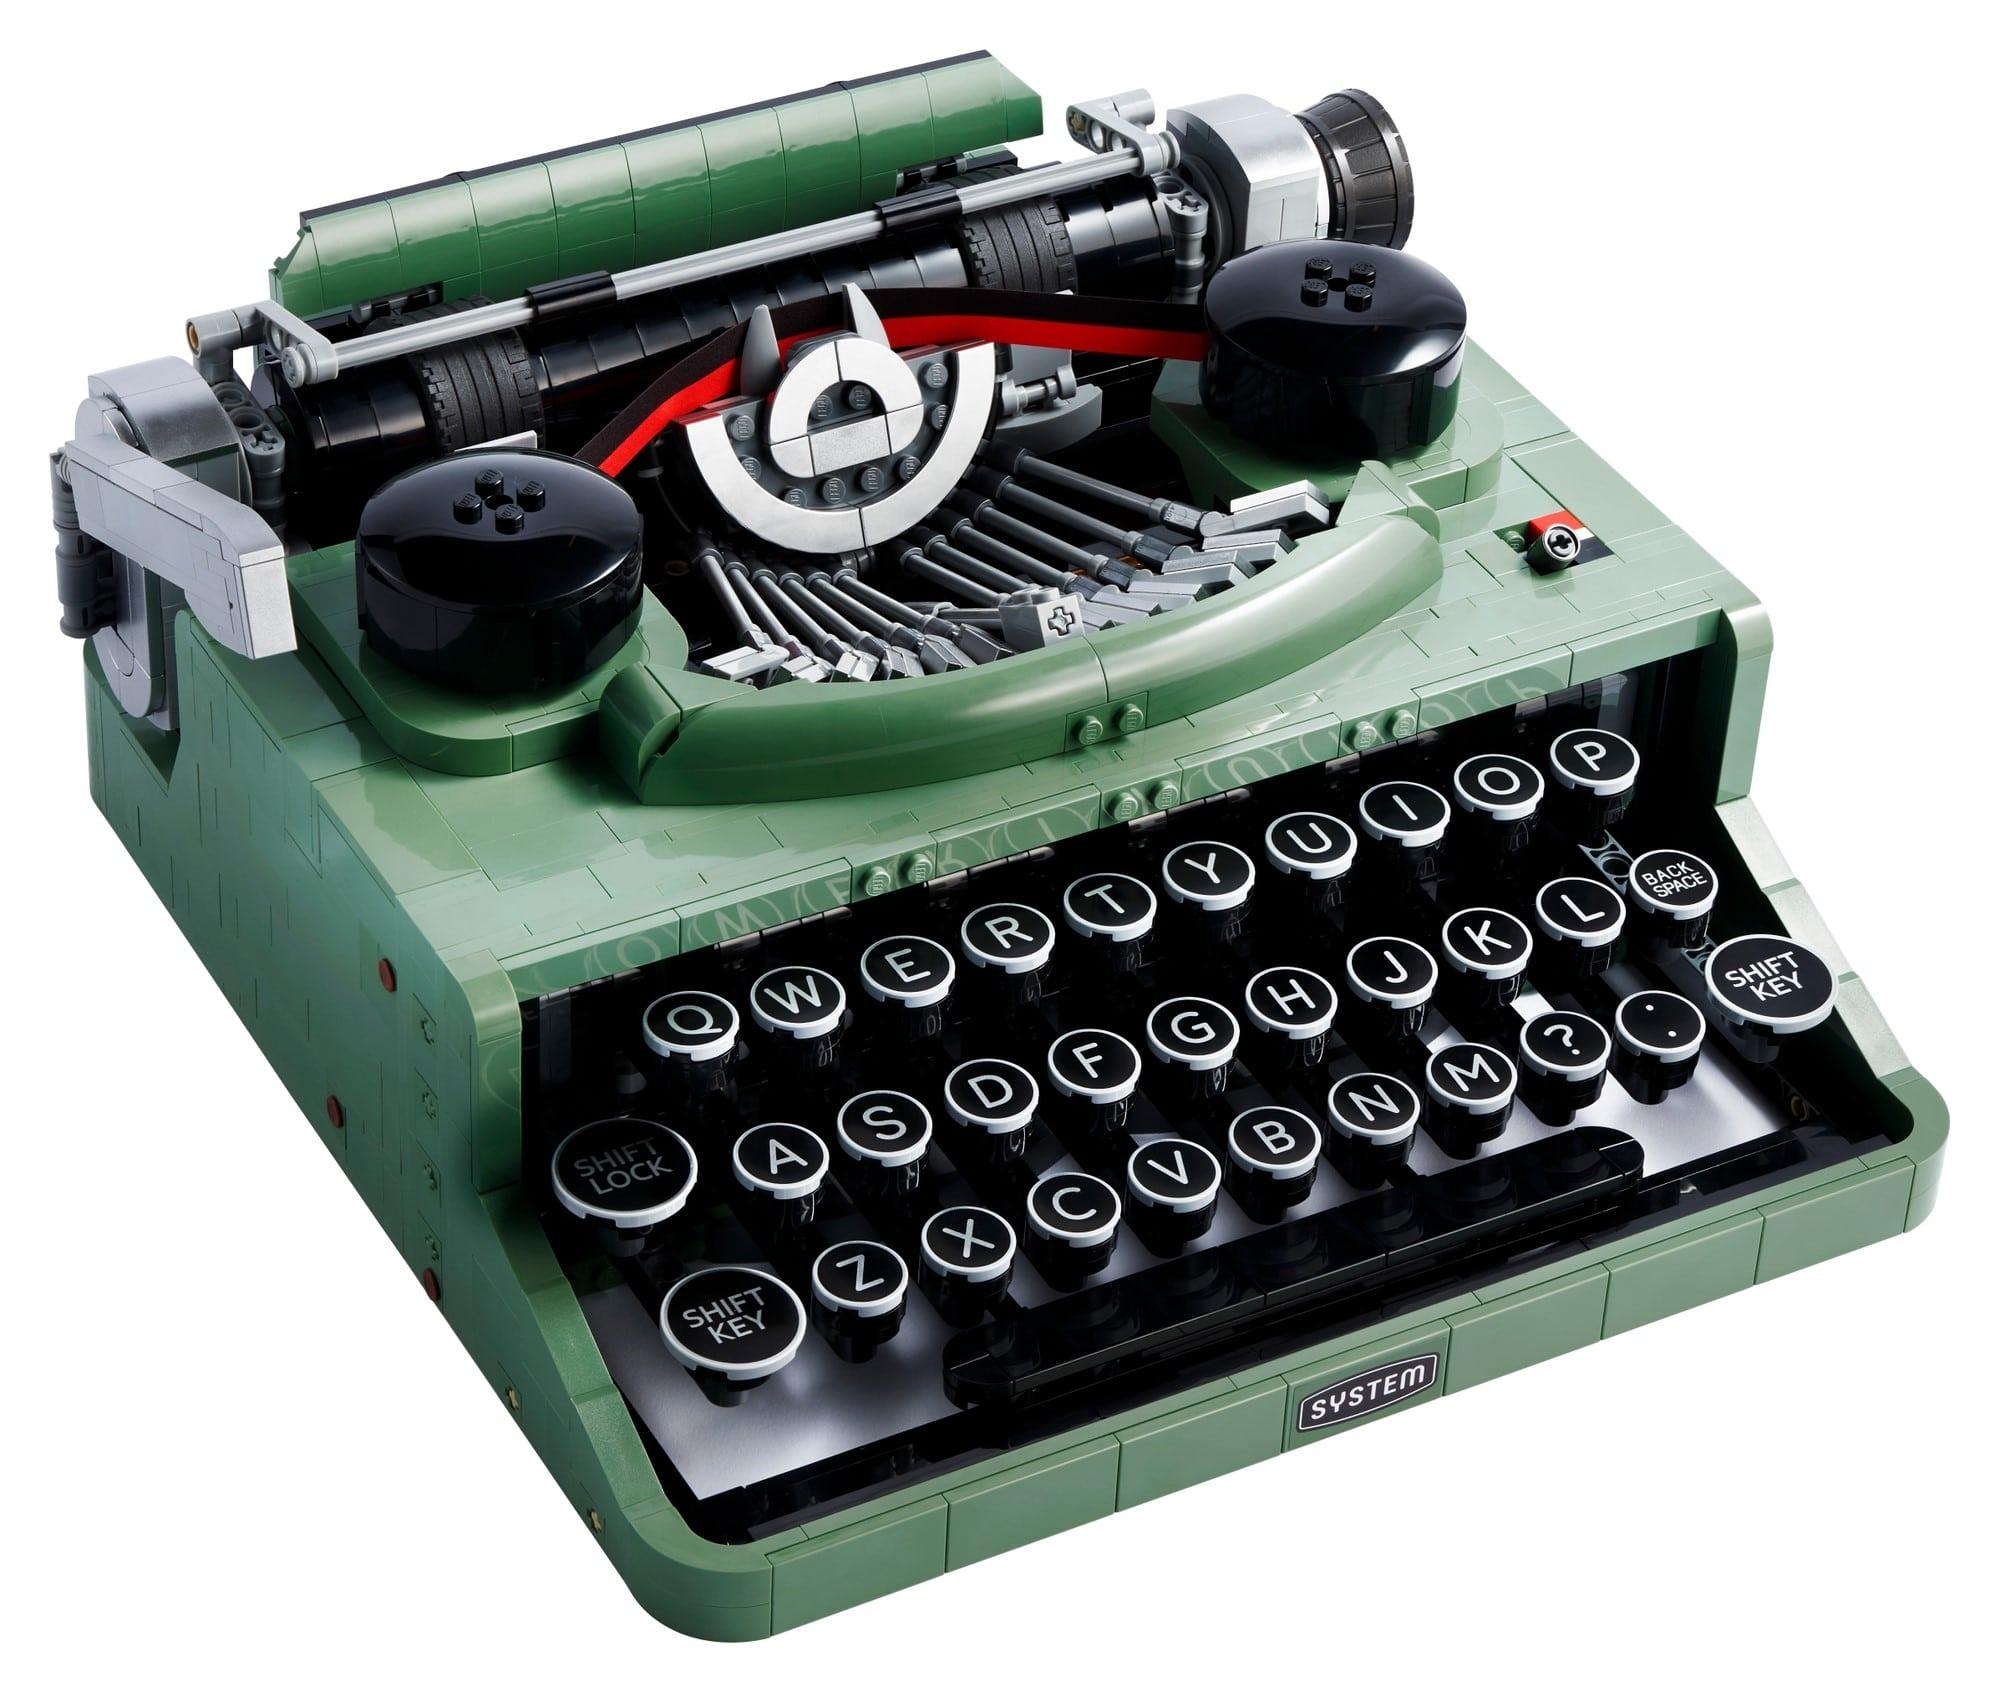 LEGO Ideas 21327 Schreibmaschine 1